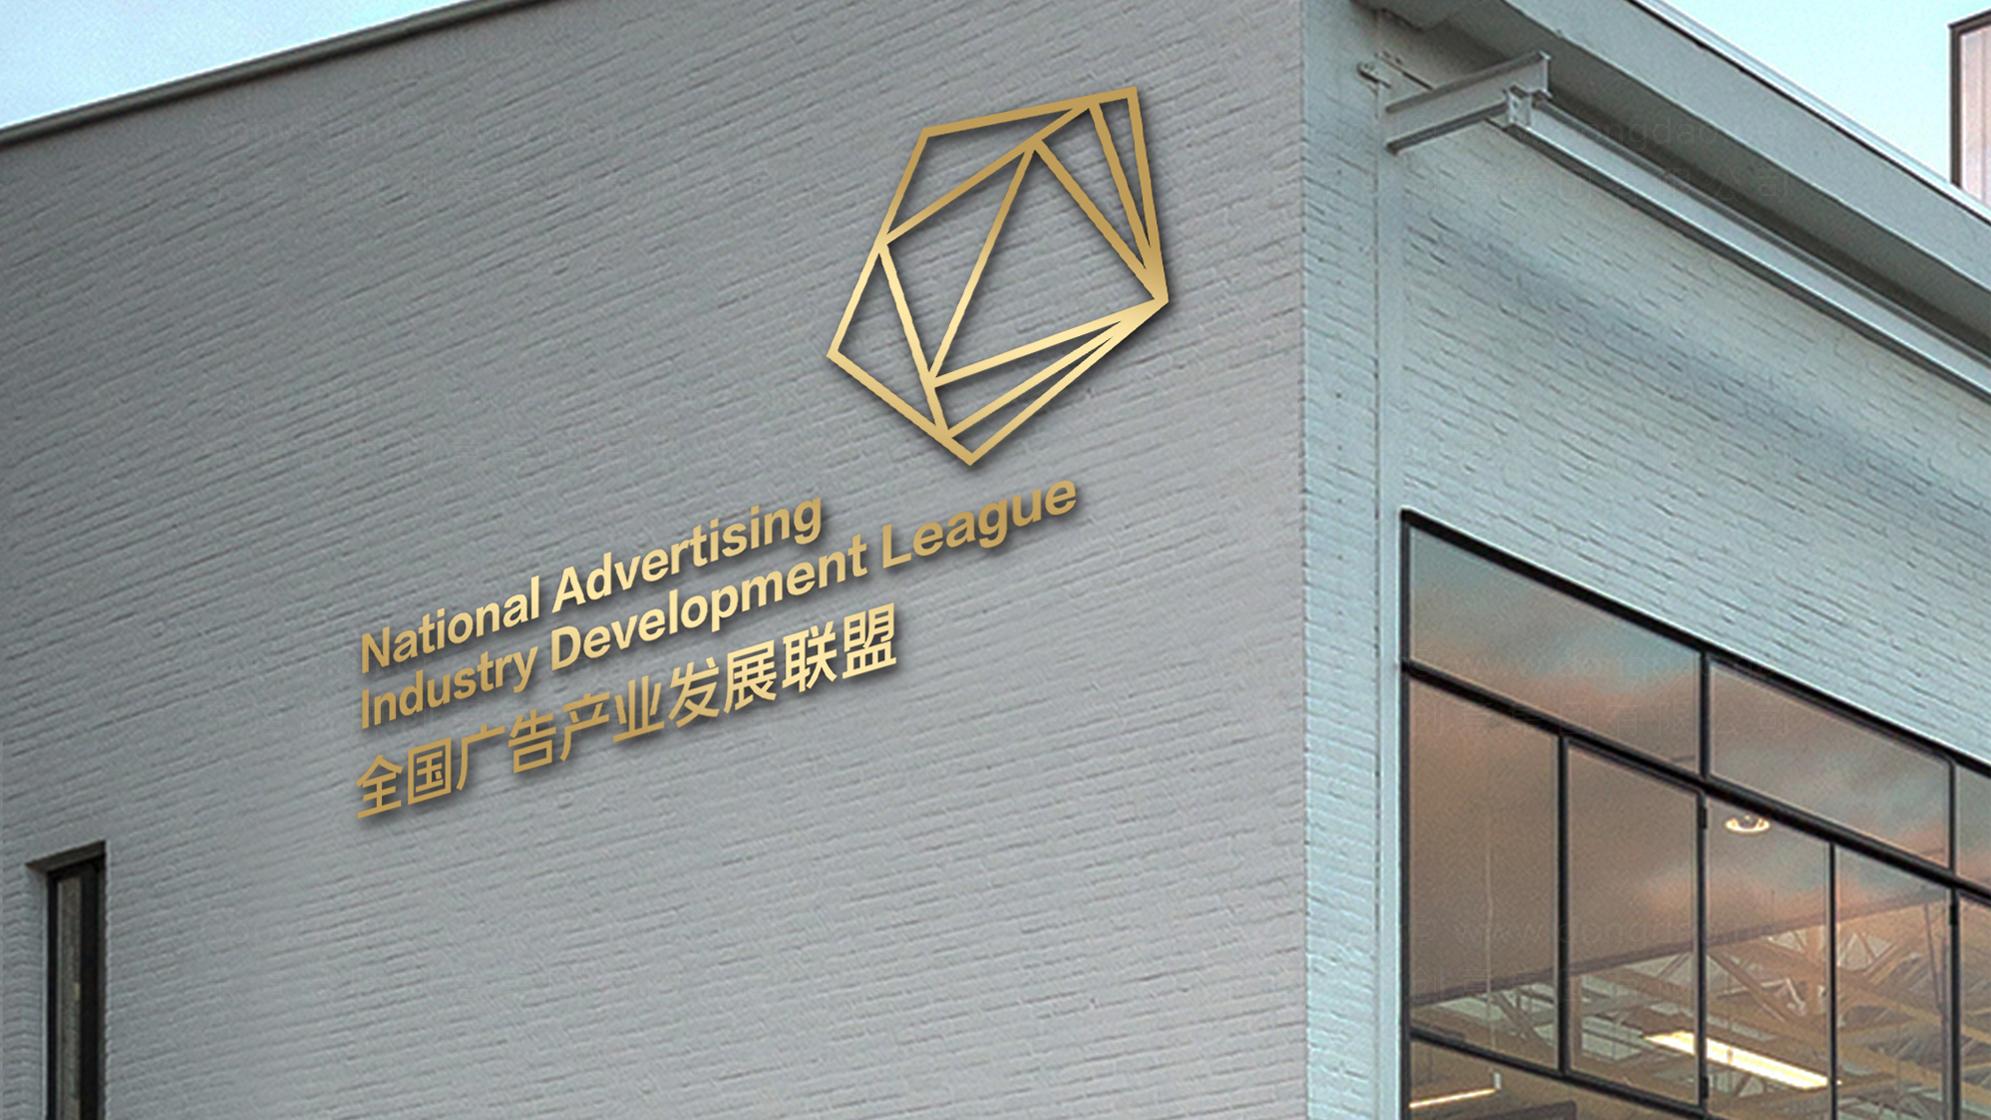 品牌设计全国广告产业发展联盟LOGO&VI设计应用场景